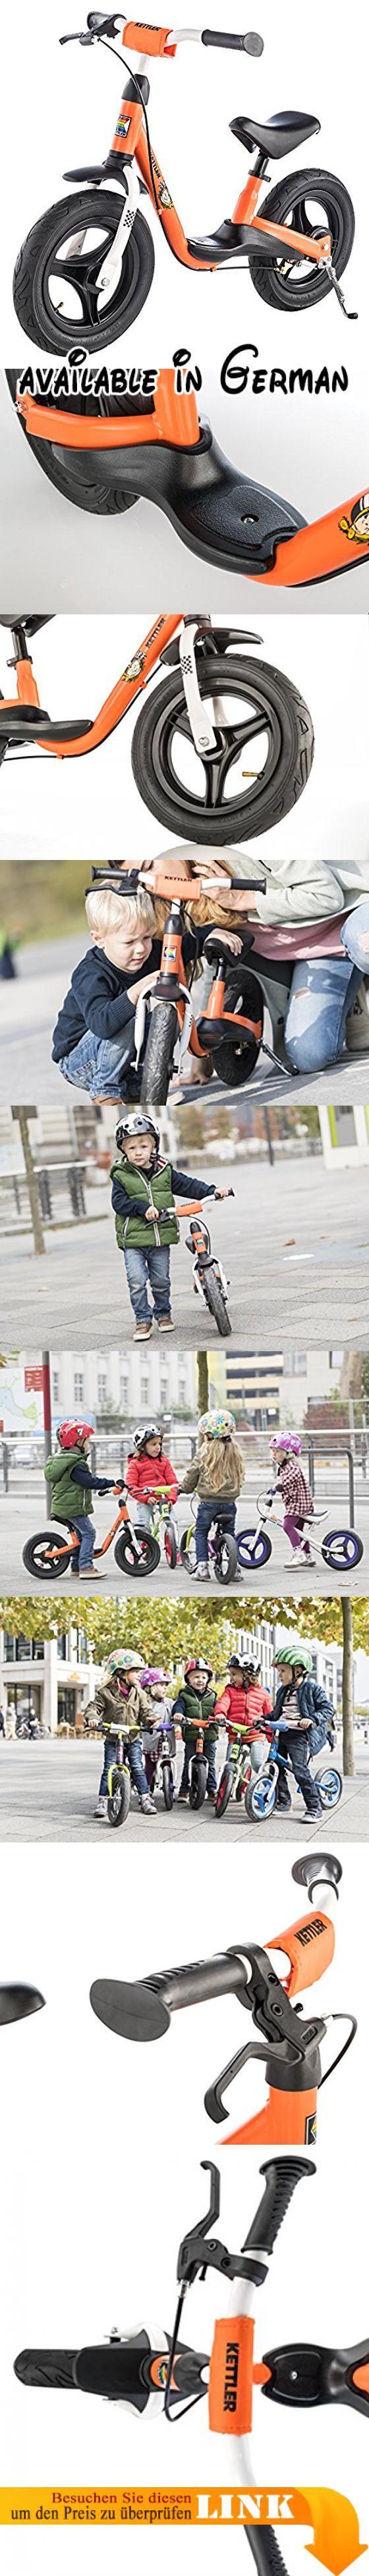 """Kettler Laufrad """"Spirit Air Racing"""" – Reifengröße: 12,5 Zoll, ab 2 Jahren geeignet – Lauflernrad für Jungs und Mädchen – verstellbare Höhe – Farbe: Orange und Schwarz. MIT TEMPO UNTERWEGS: Dieses Laufrad ab 2 Jahre ist ein absolutes Highlight vom Kindergarten bis ins Vorschulalter. Egal wohin es ab sofort geht - das neue Laufrad für Kinder muss mit!. LERNEN & SPIELEN: Das Fahren mit dem Kinder Laufrad macht nicht nur Spaß, sondern fördert auch wichtige"""